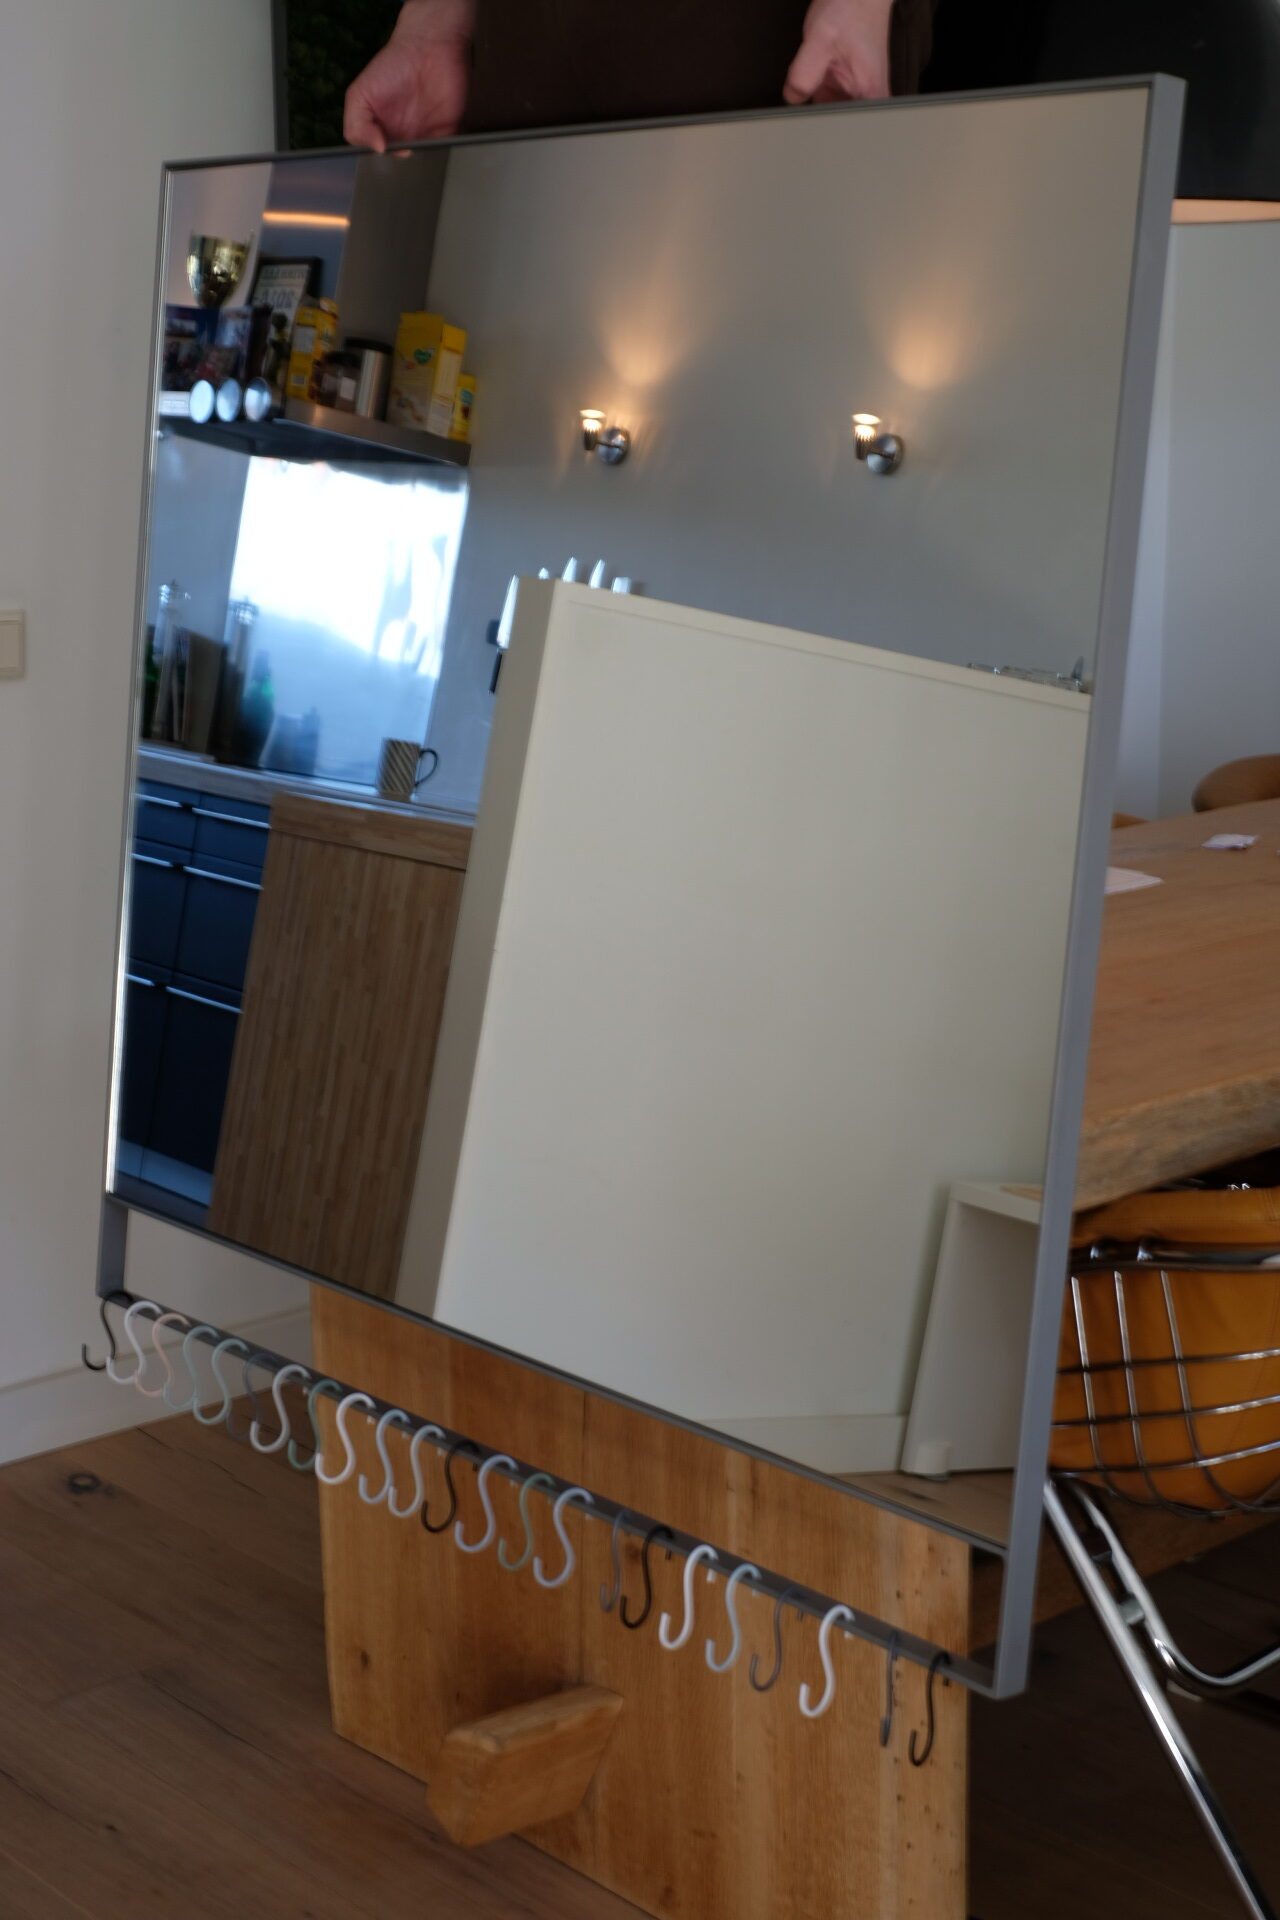 grijze stalen spiegel met haken voor ophangen